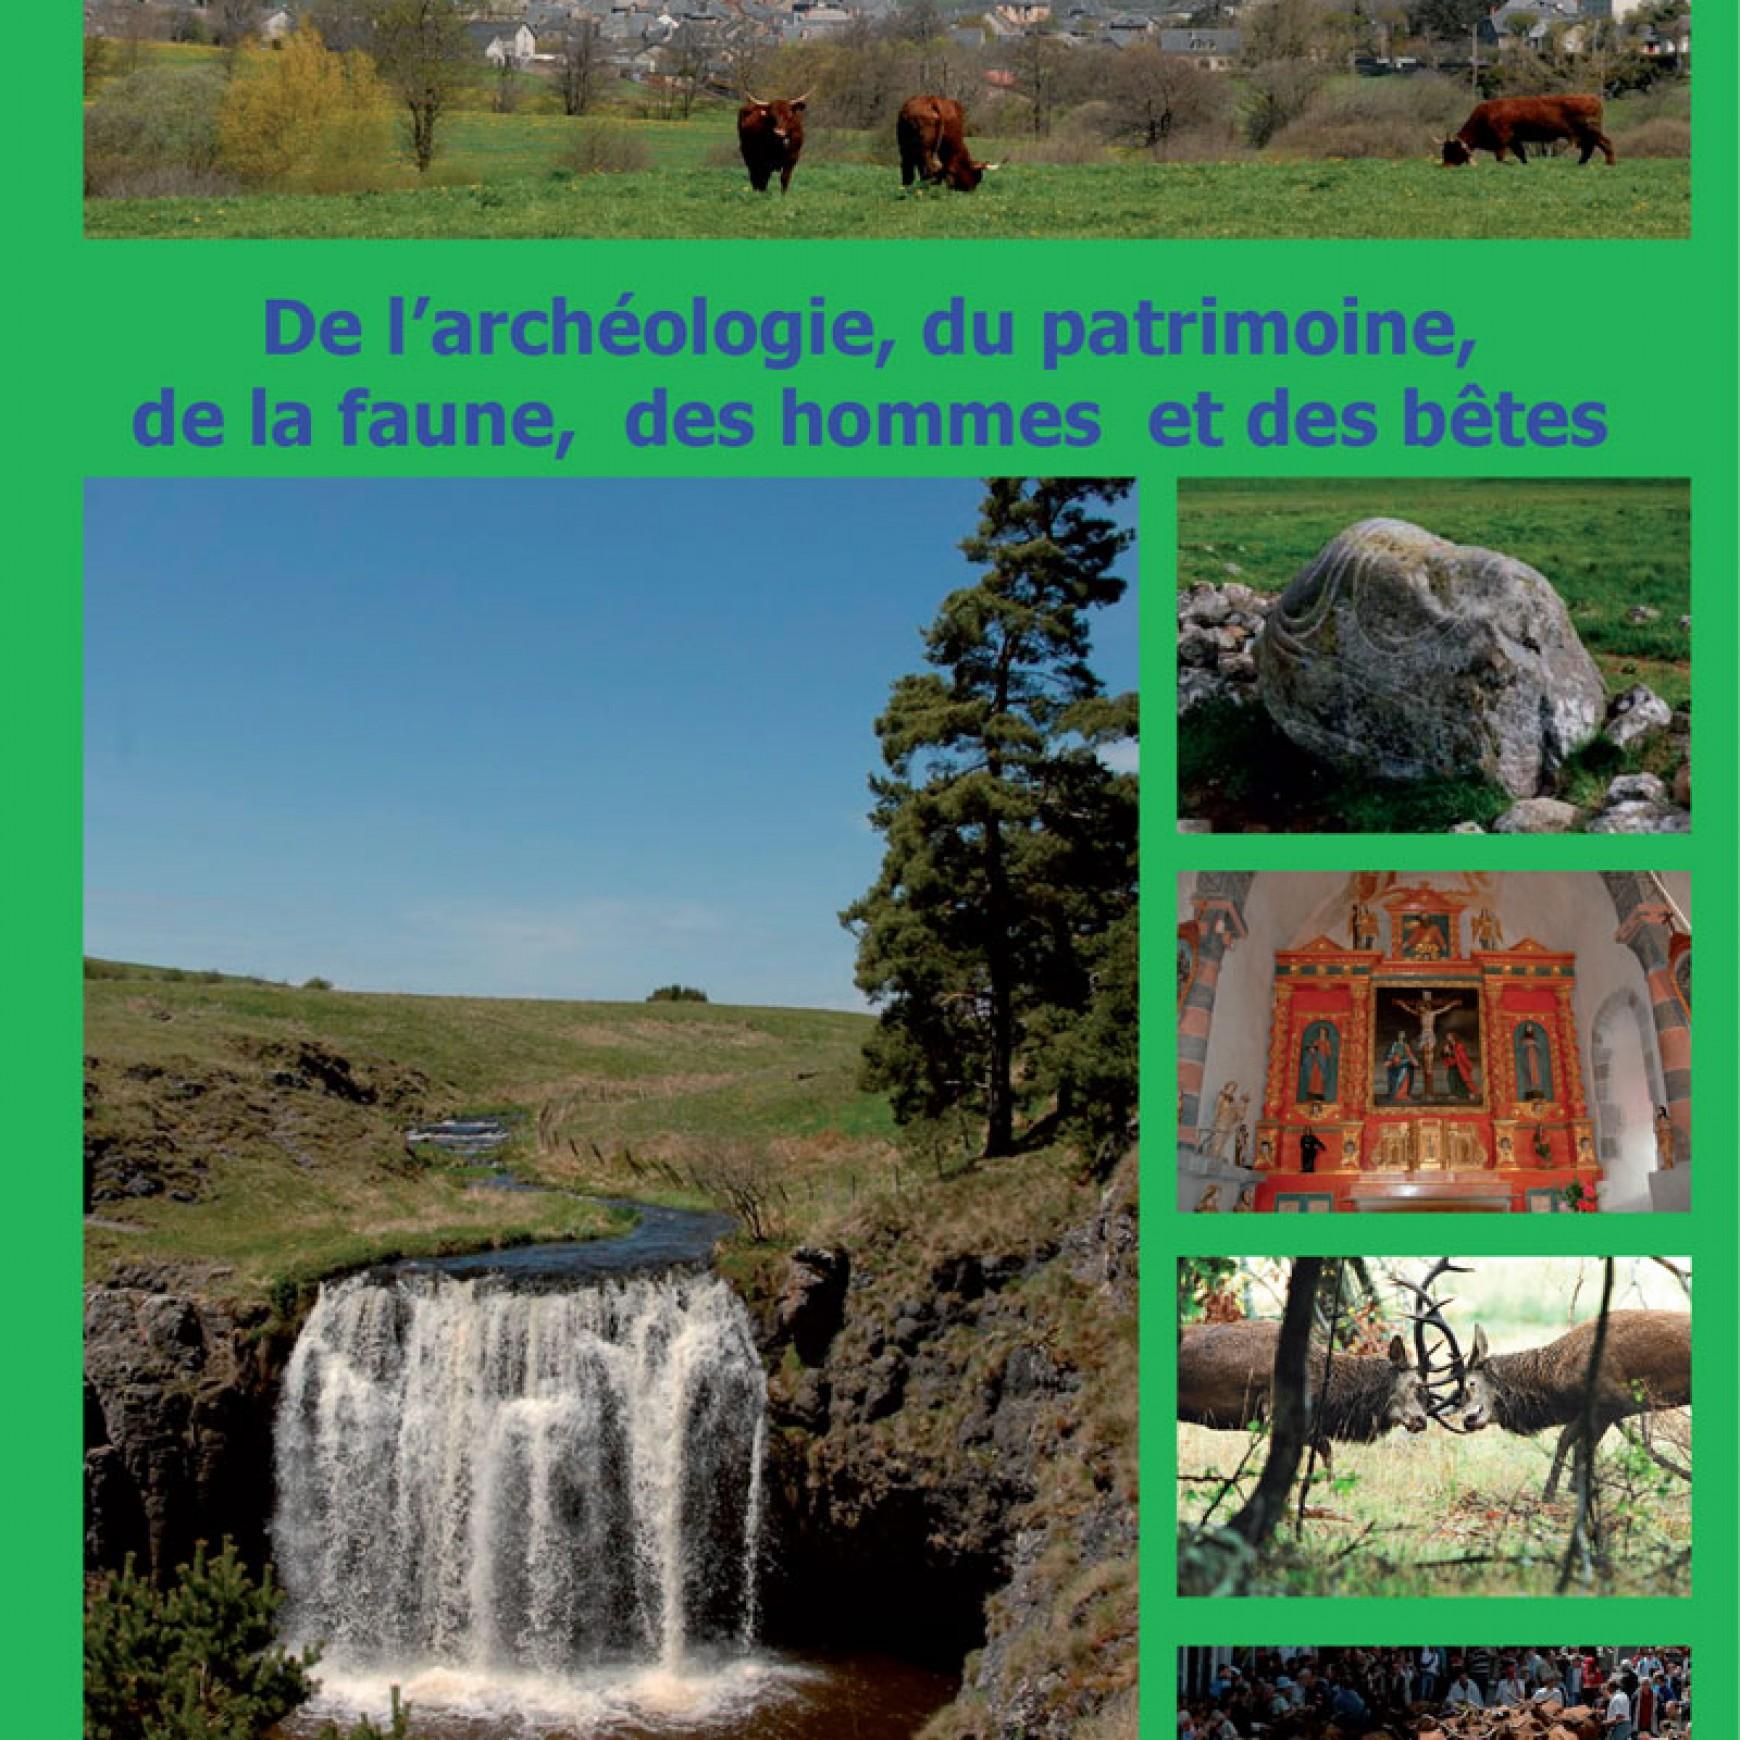 Cahier n°1 : De l'archéologie, du patrimoine, de la faune, des hommes et des bêtes